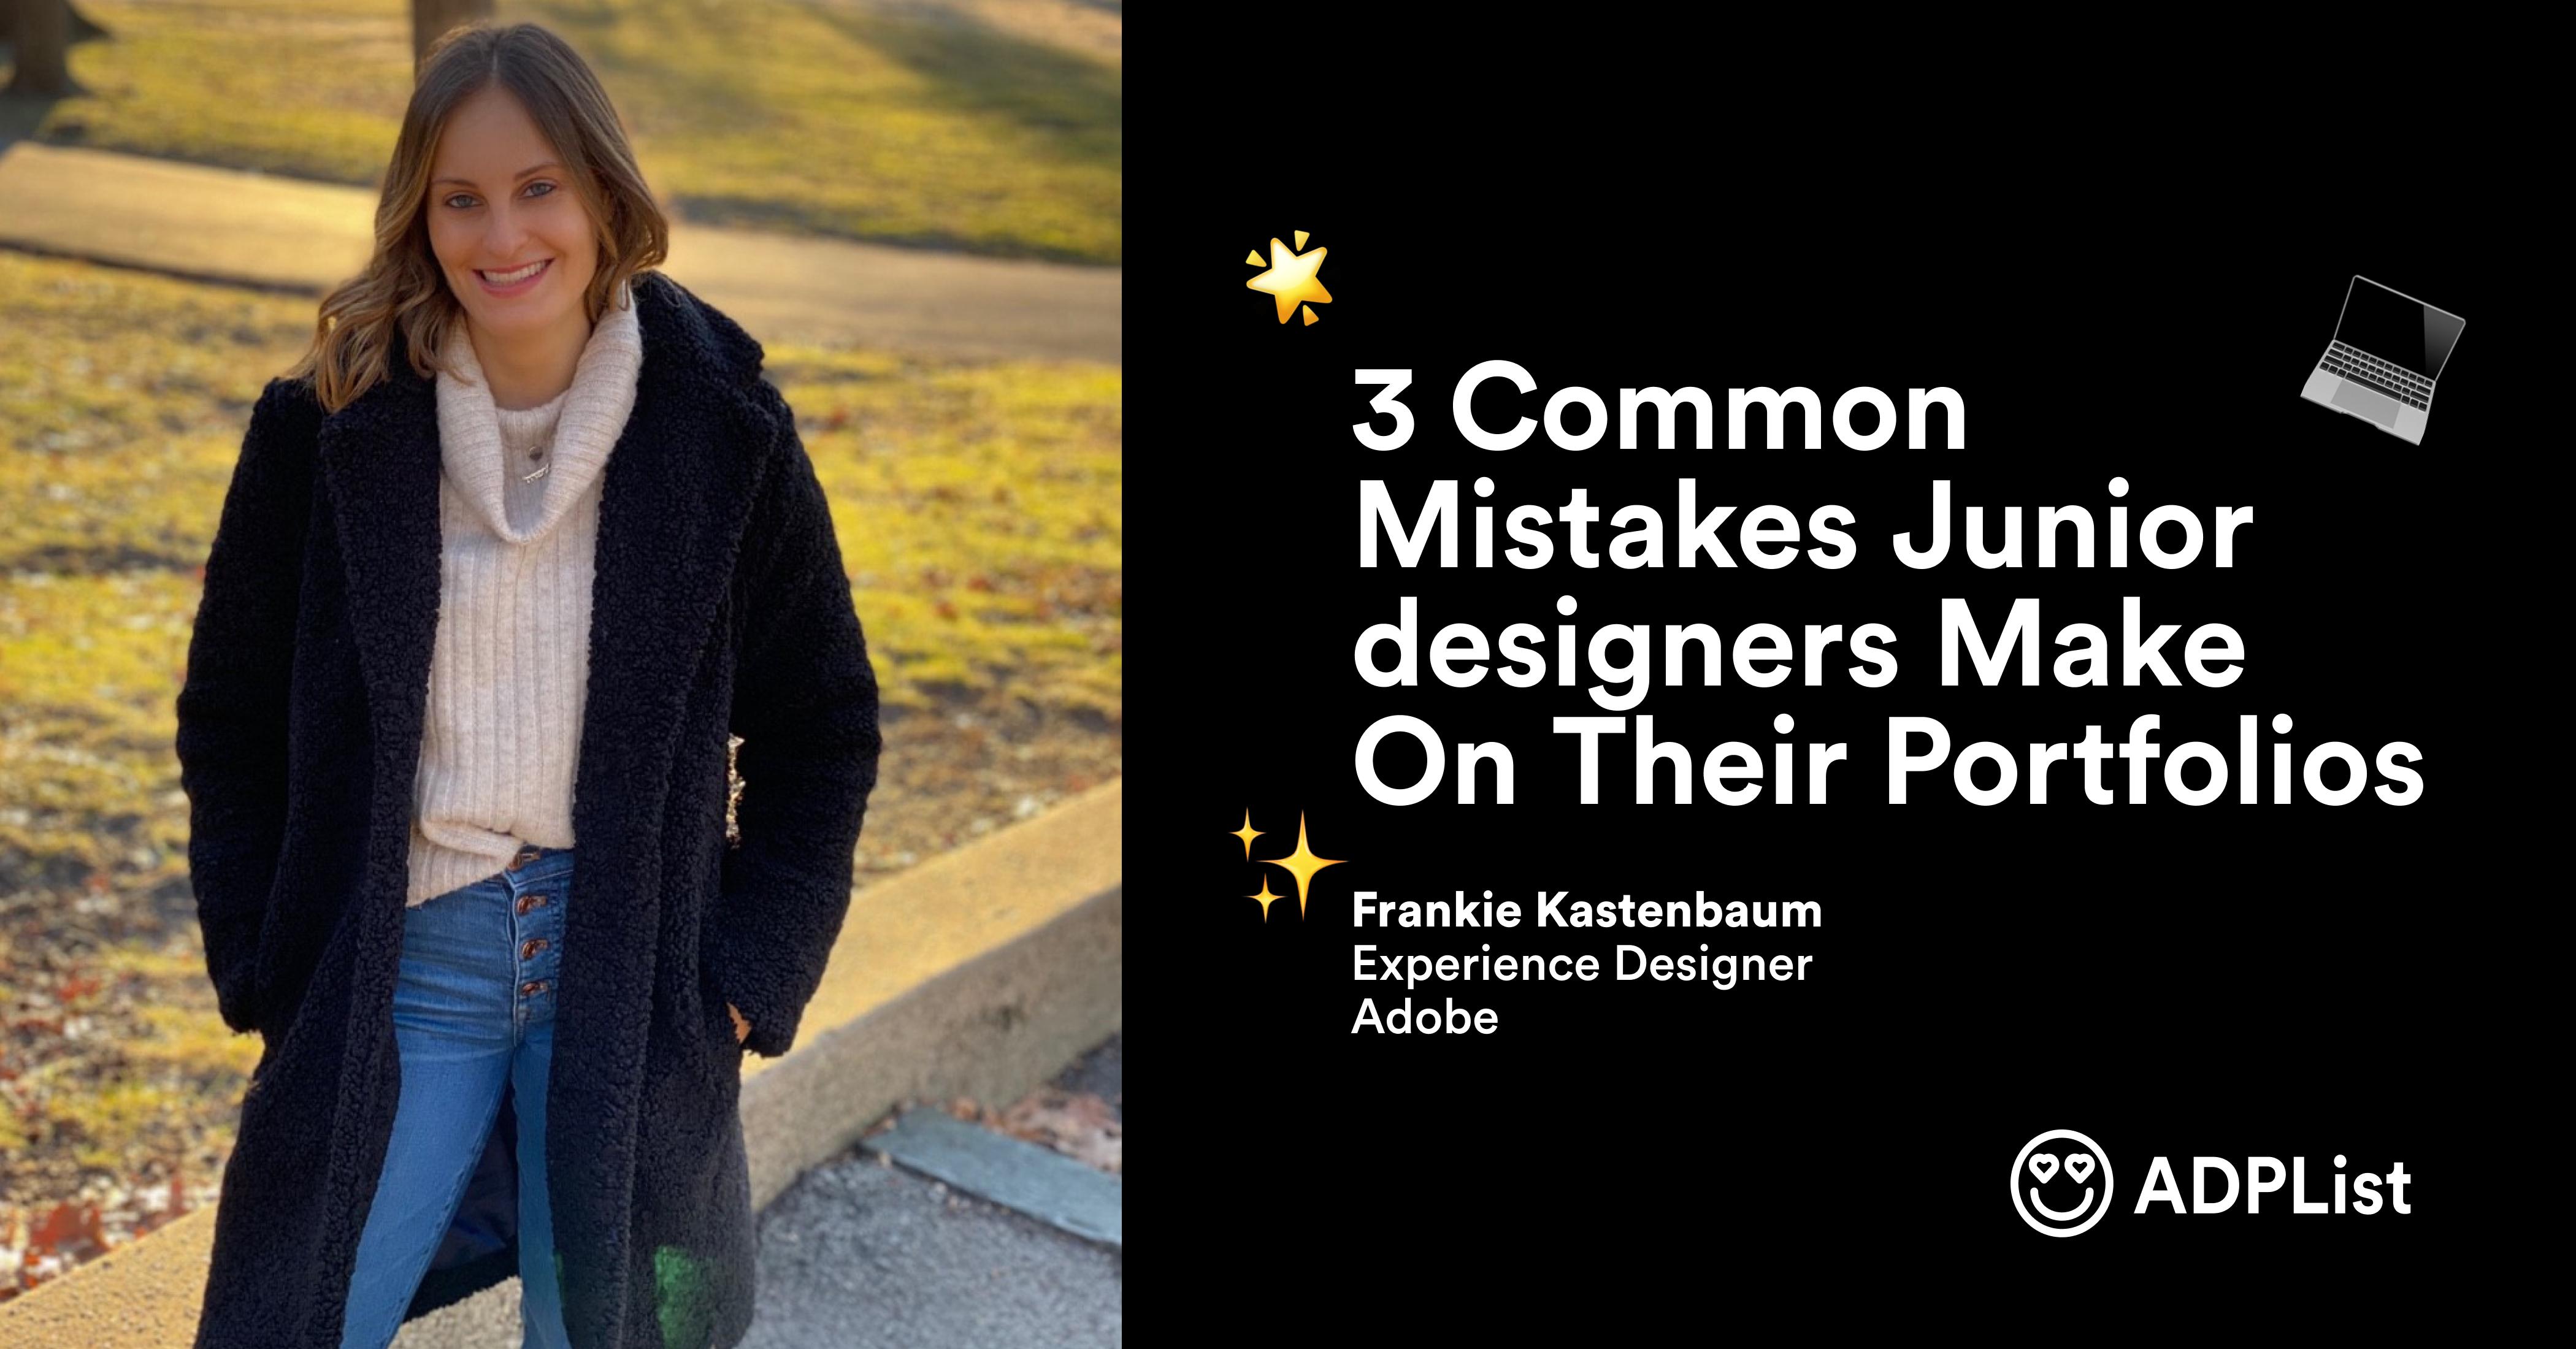 3 common mistakes junior designers make on their portfolios